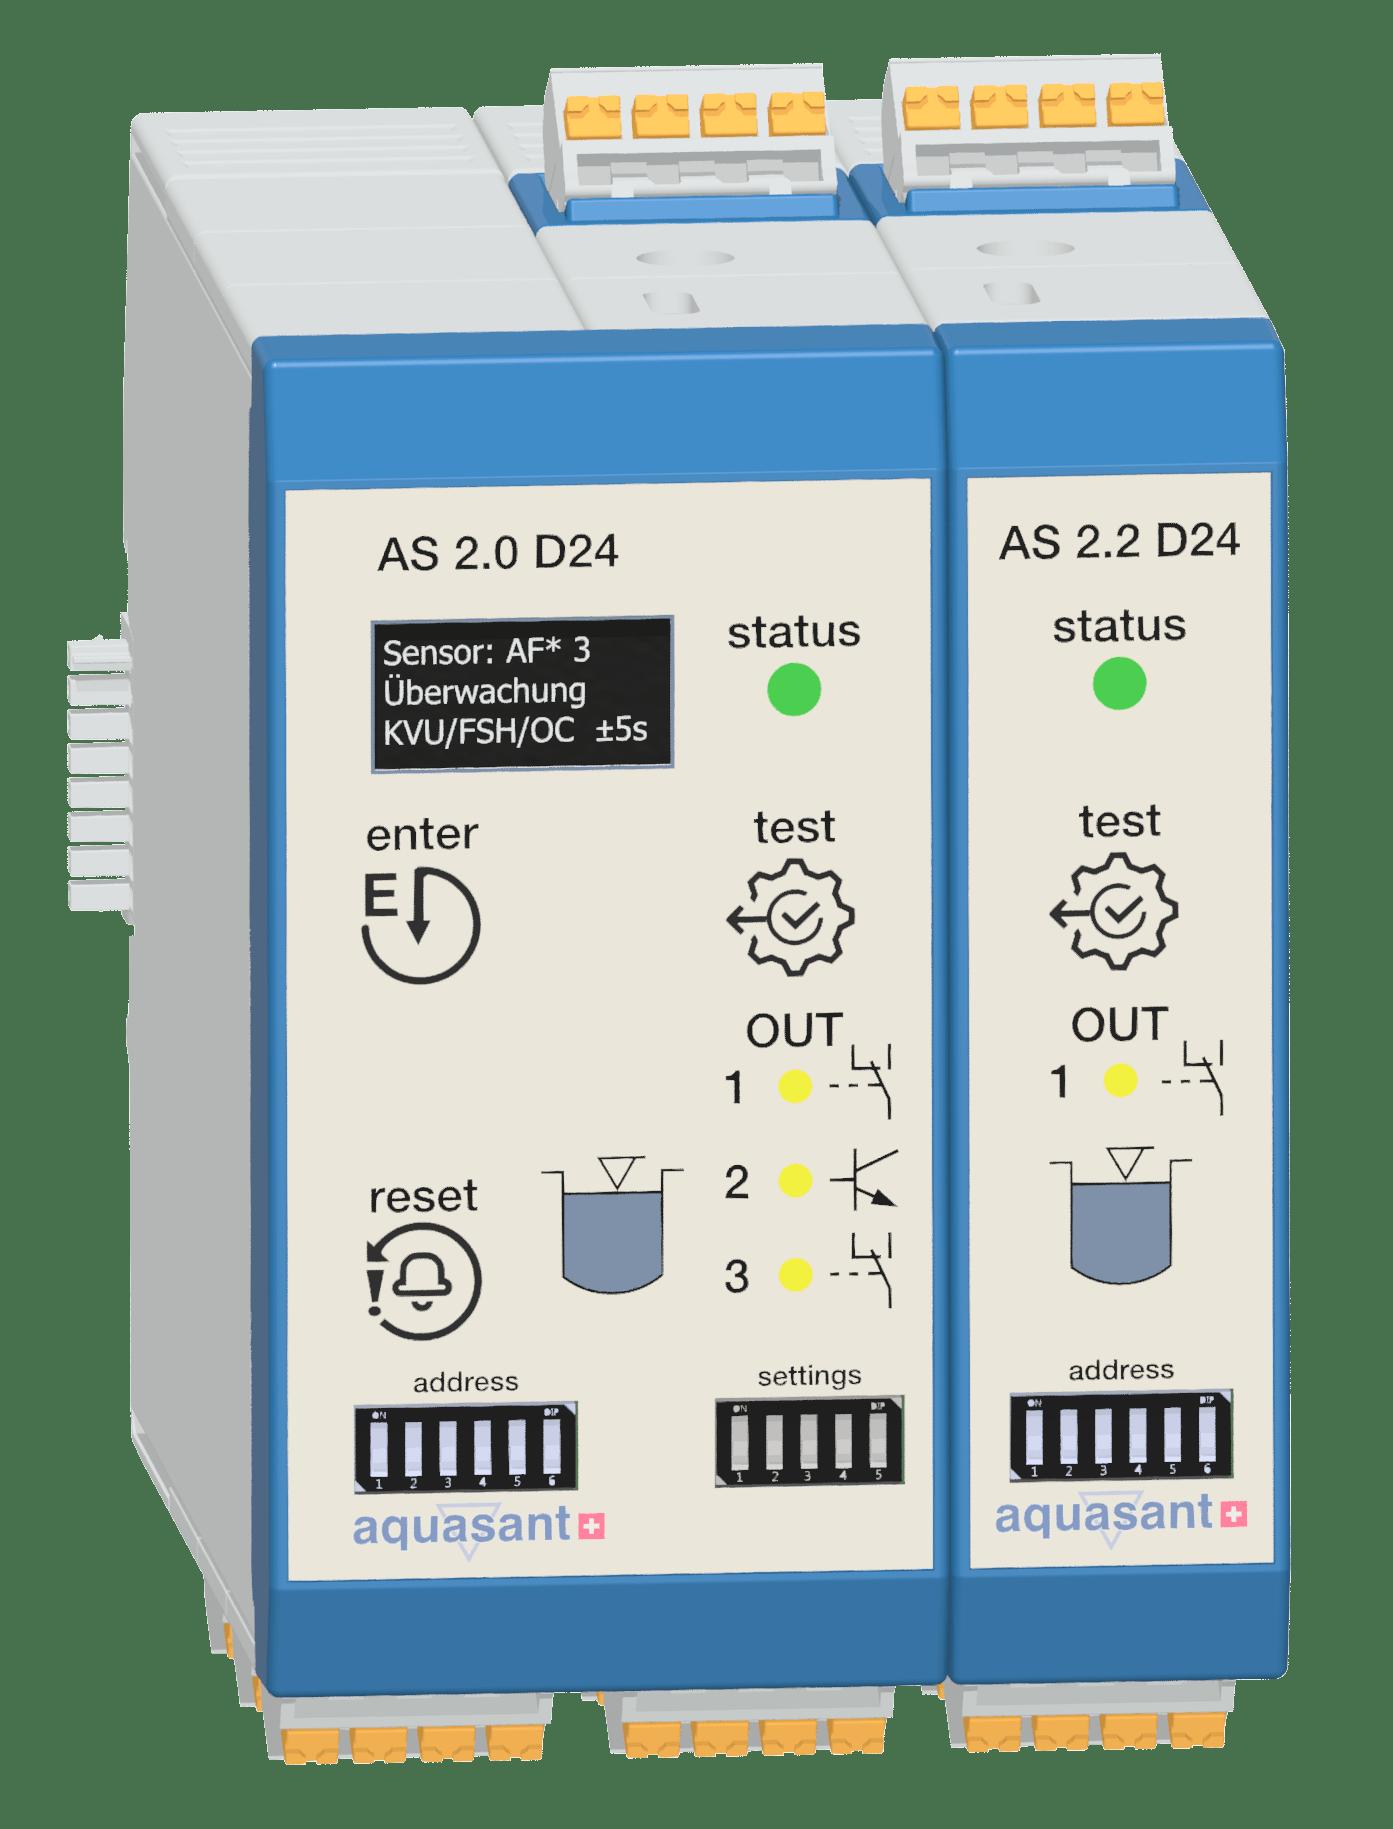 Aquasant Steuergerät AS1.3 überwacht und alarmiert mit dem IR Flüssigkeitsfühler AF1* das Überfüllen